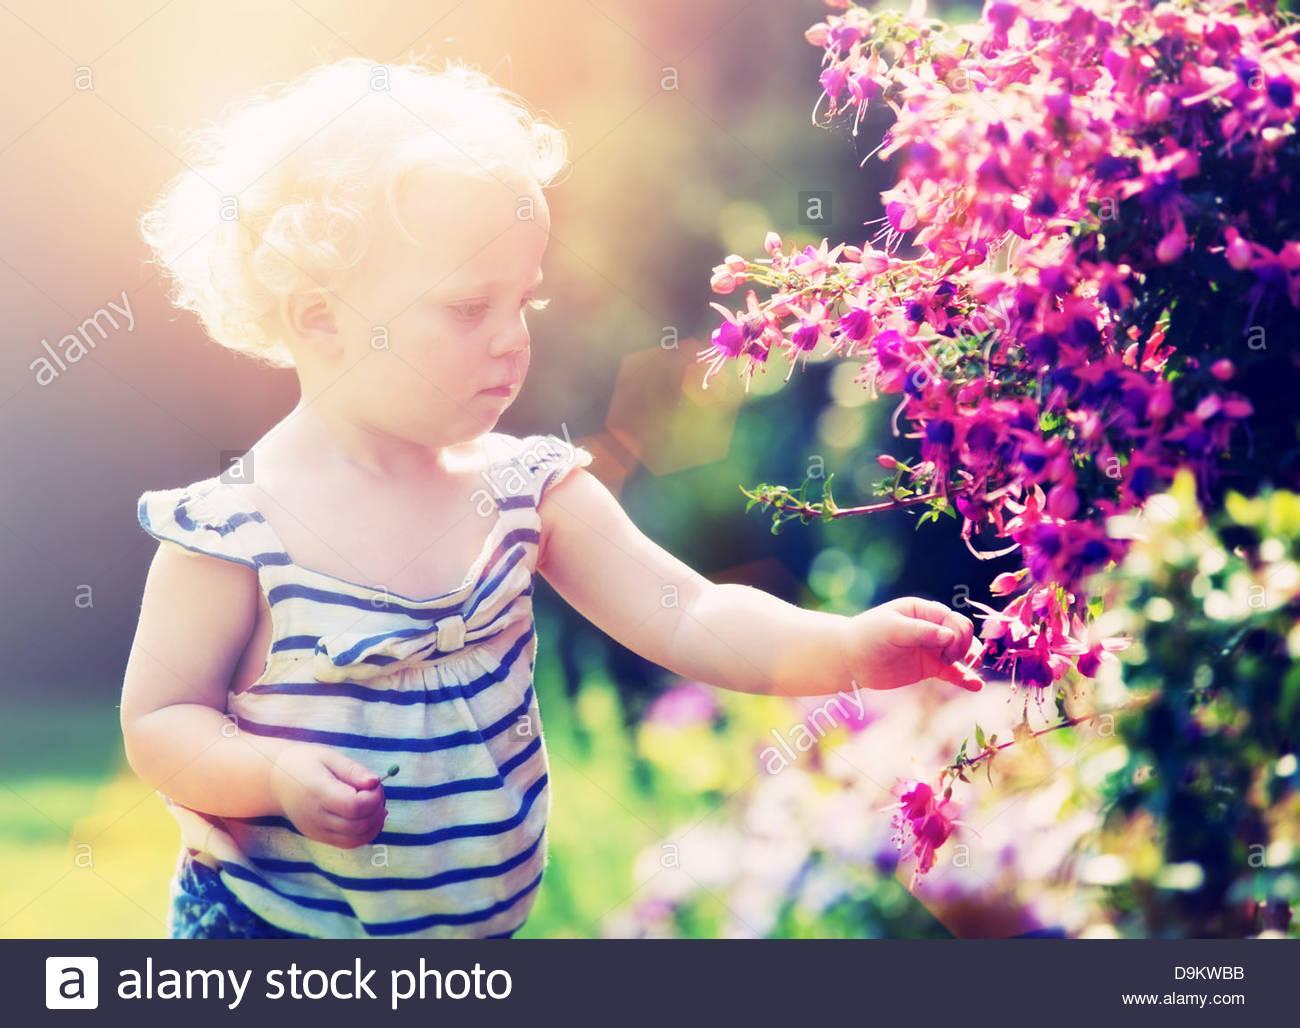 toddler picking flowers - Stock Image